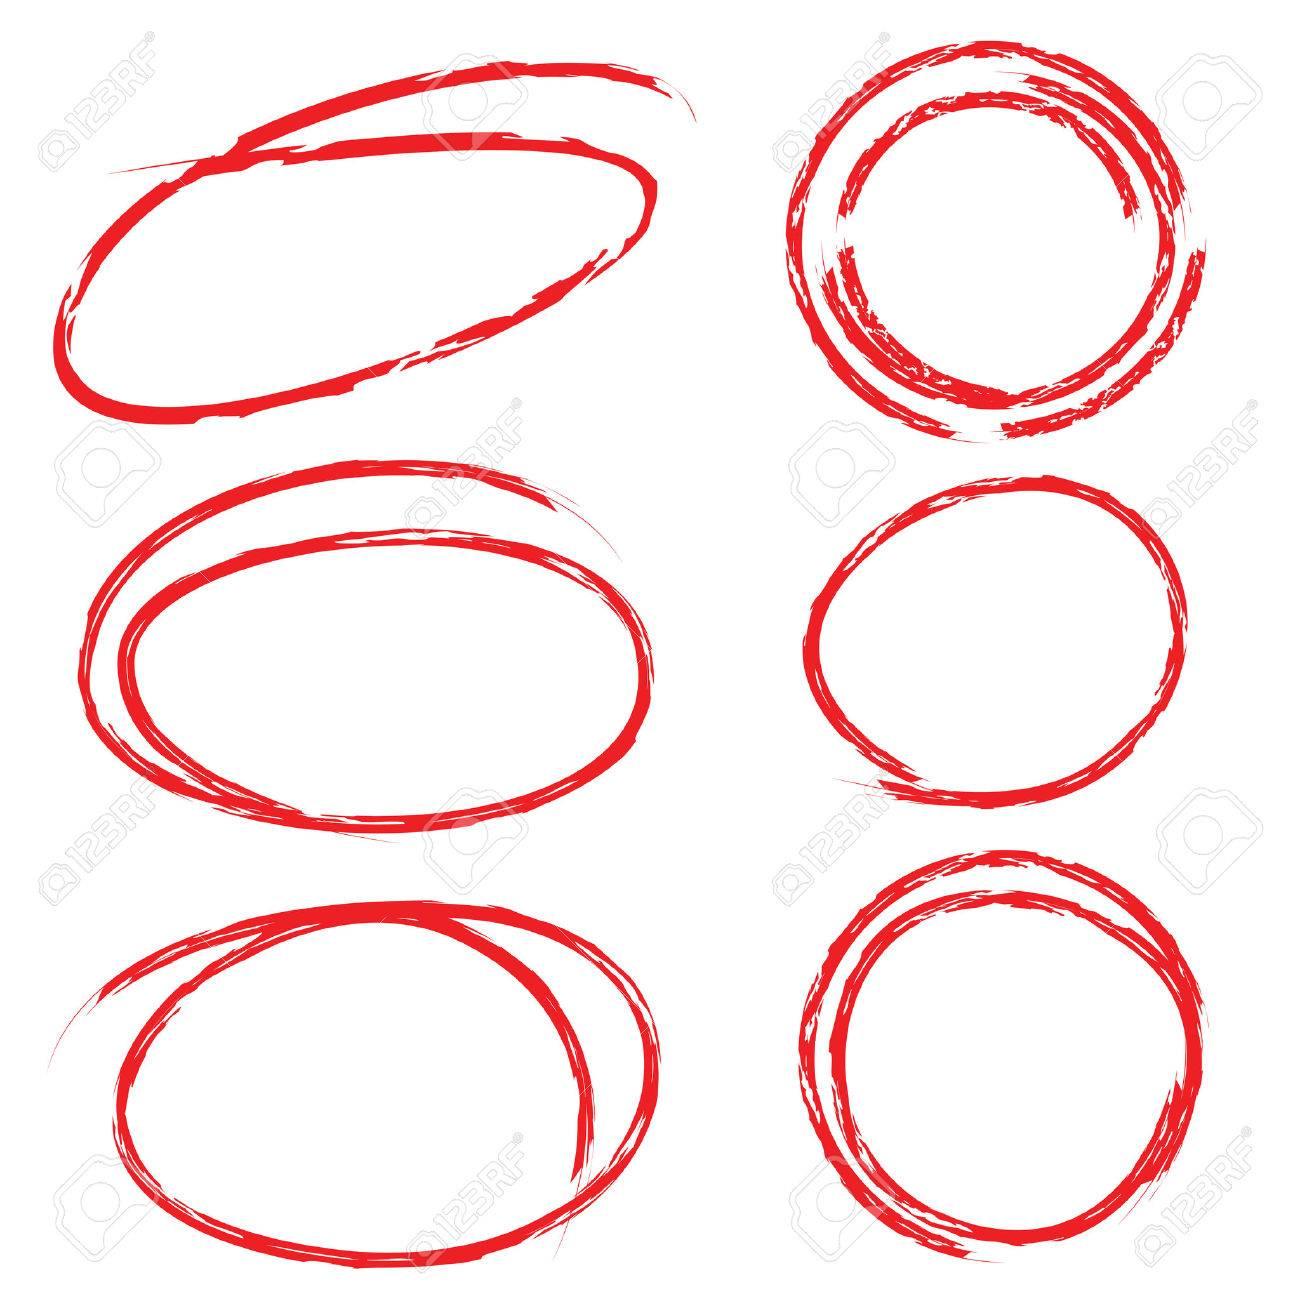 赤い強調表示円セット ロイヤリ...